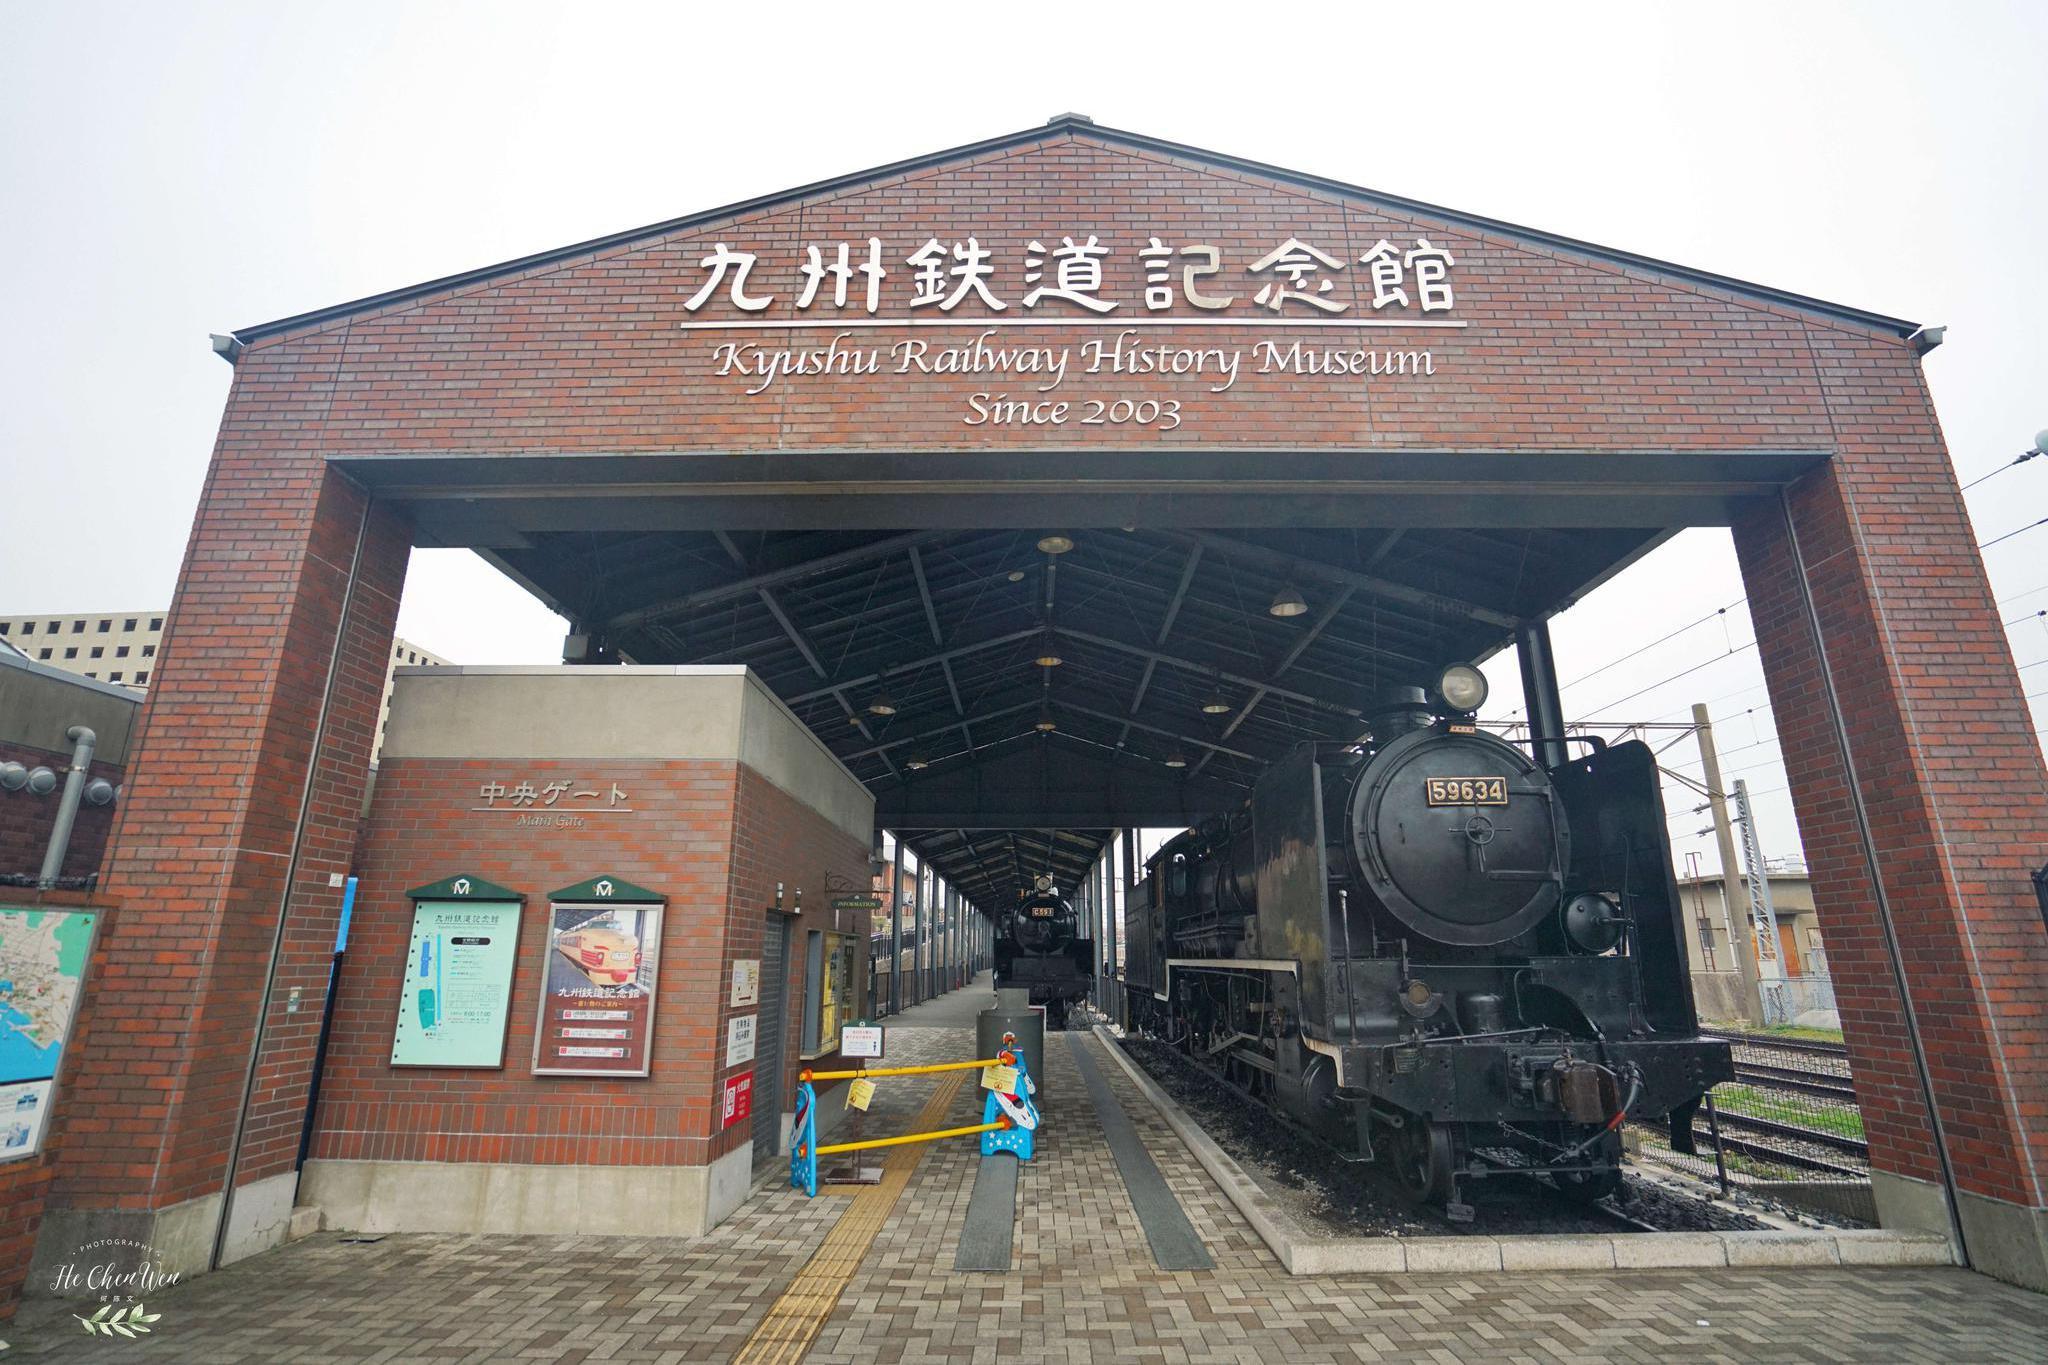 九州铁道博物馆,世界铁道爱好者旅行圣地,被誉为铁道之国